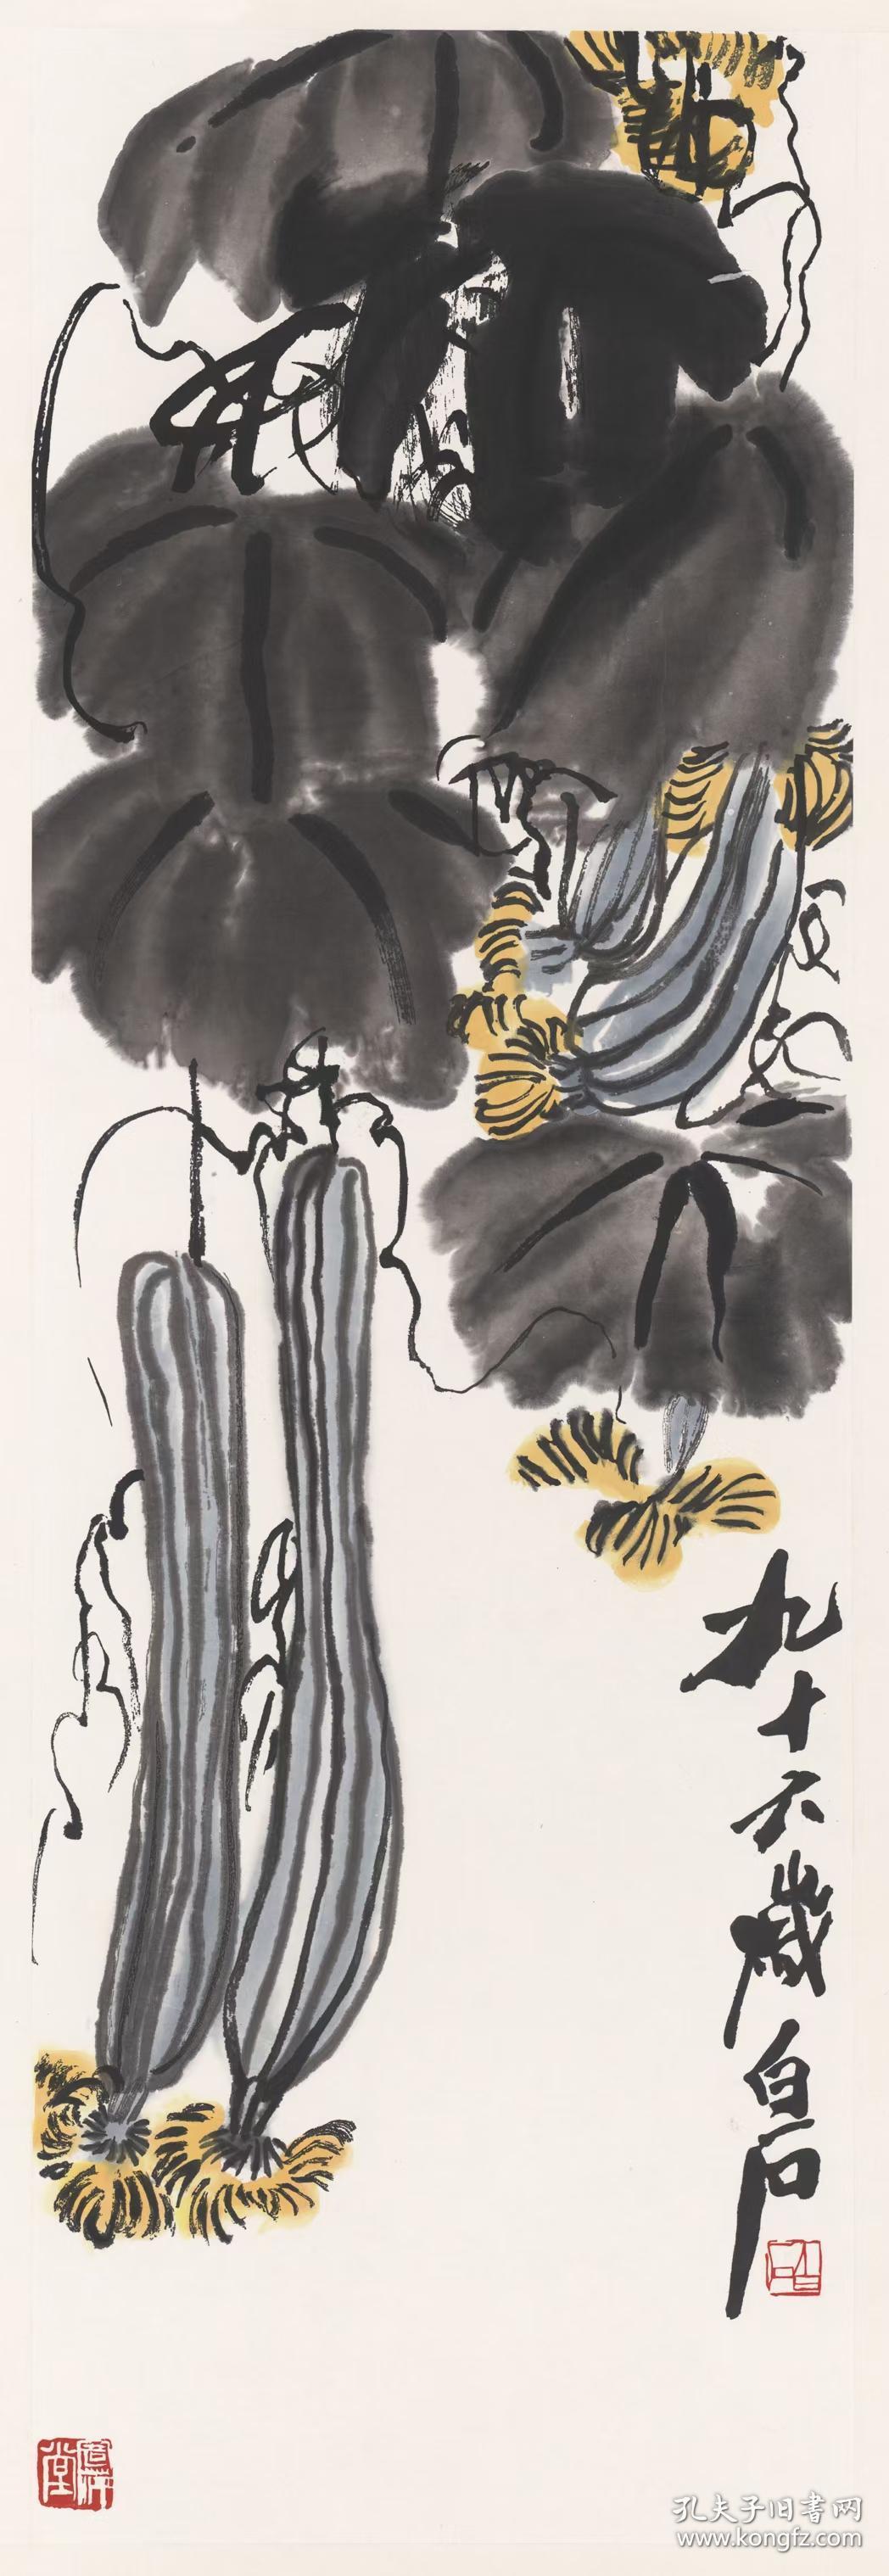 植物,齐白石 丝瓜。纸本大小36.96*107.15厘米。宣纸艺术微喷复制。可悬挂与餐厅,饭店等场所